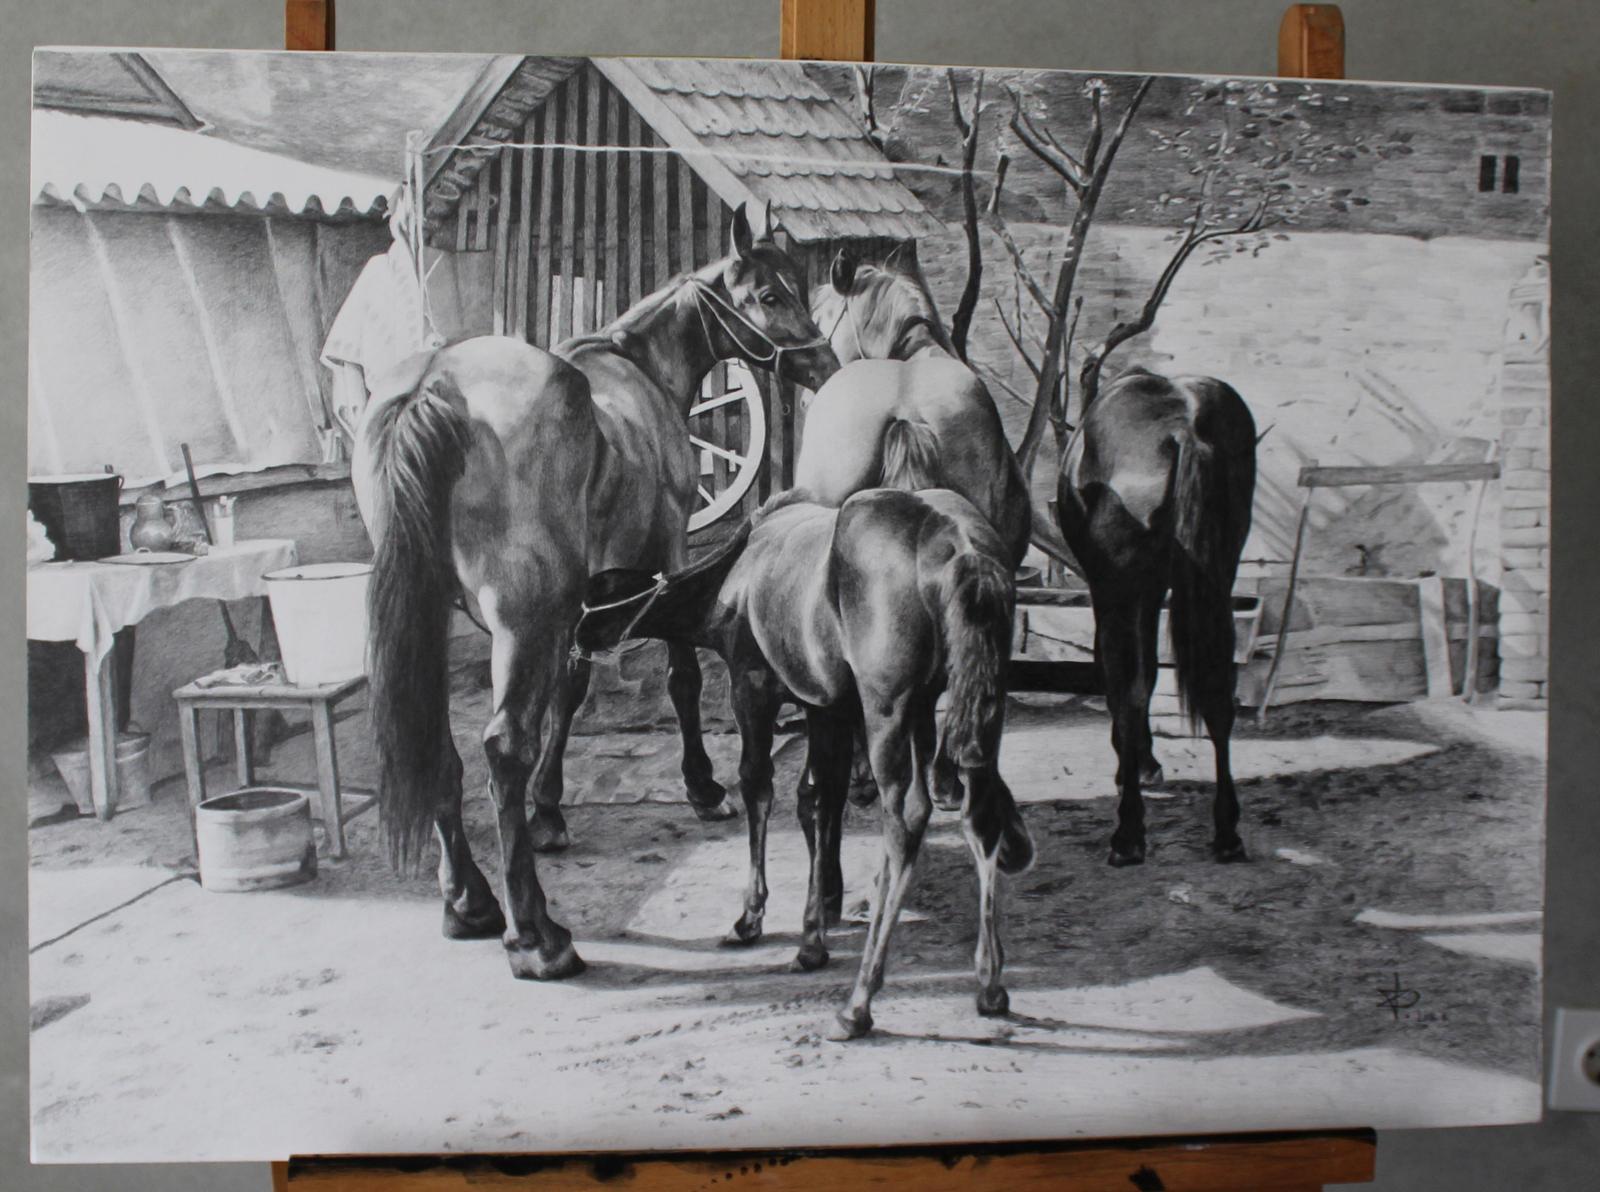 horses in old backyard by rahelak on deviantart